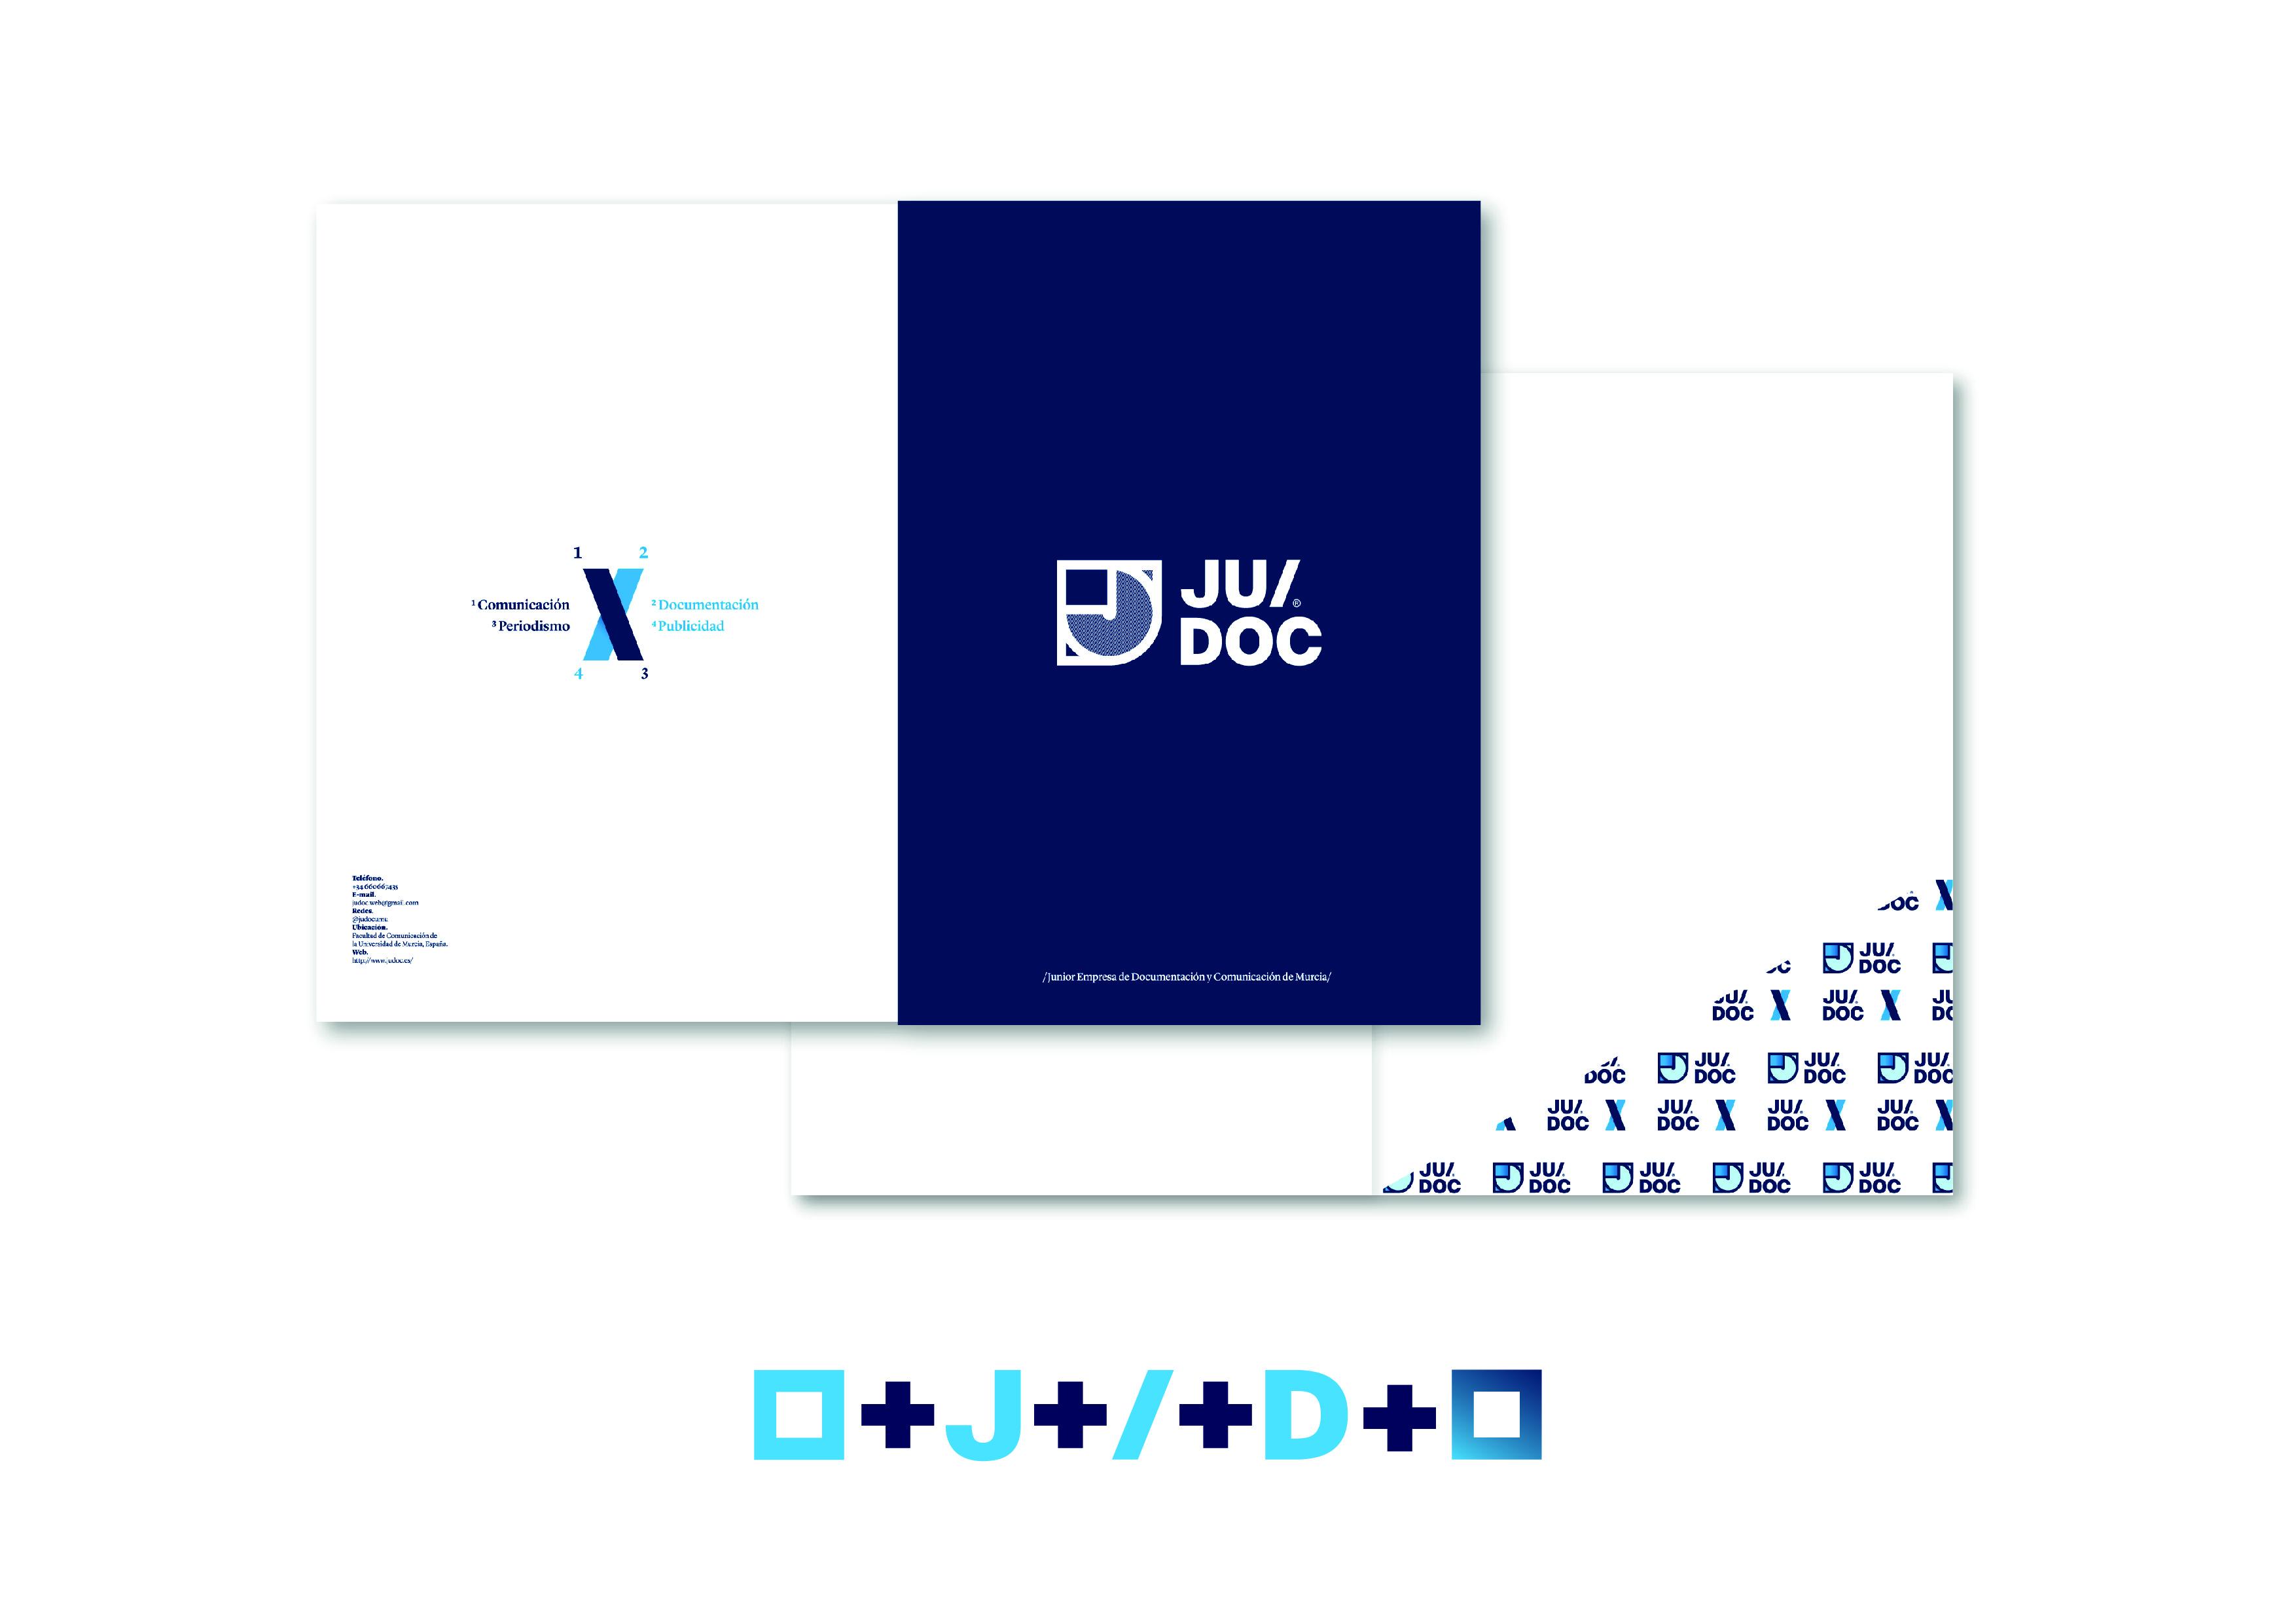 Judoc Brand Identity by Ángel Aldavero - Creative Work - $i